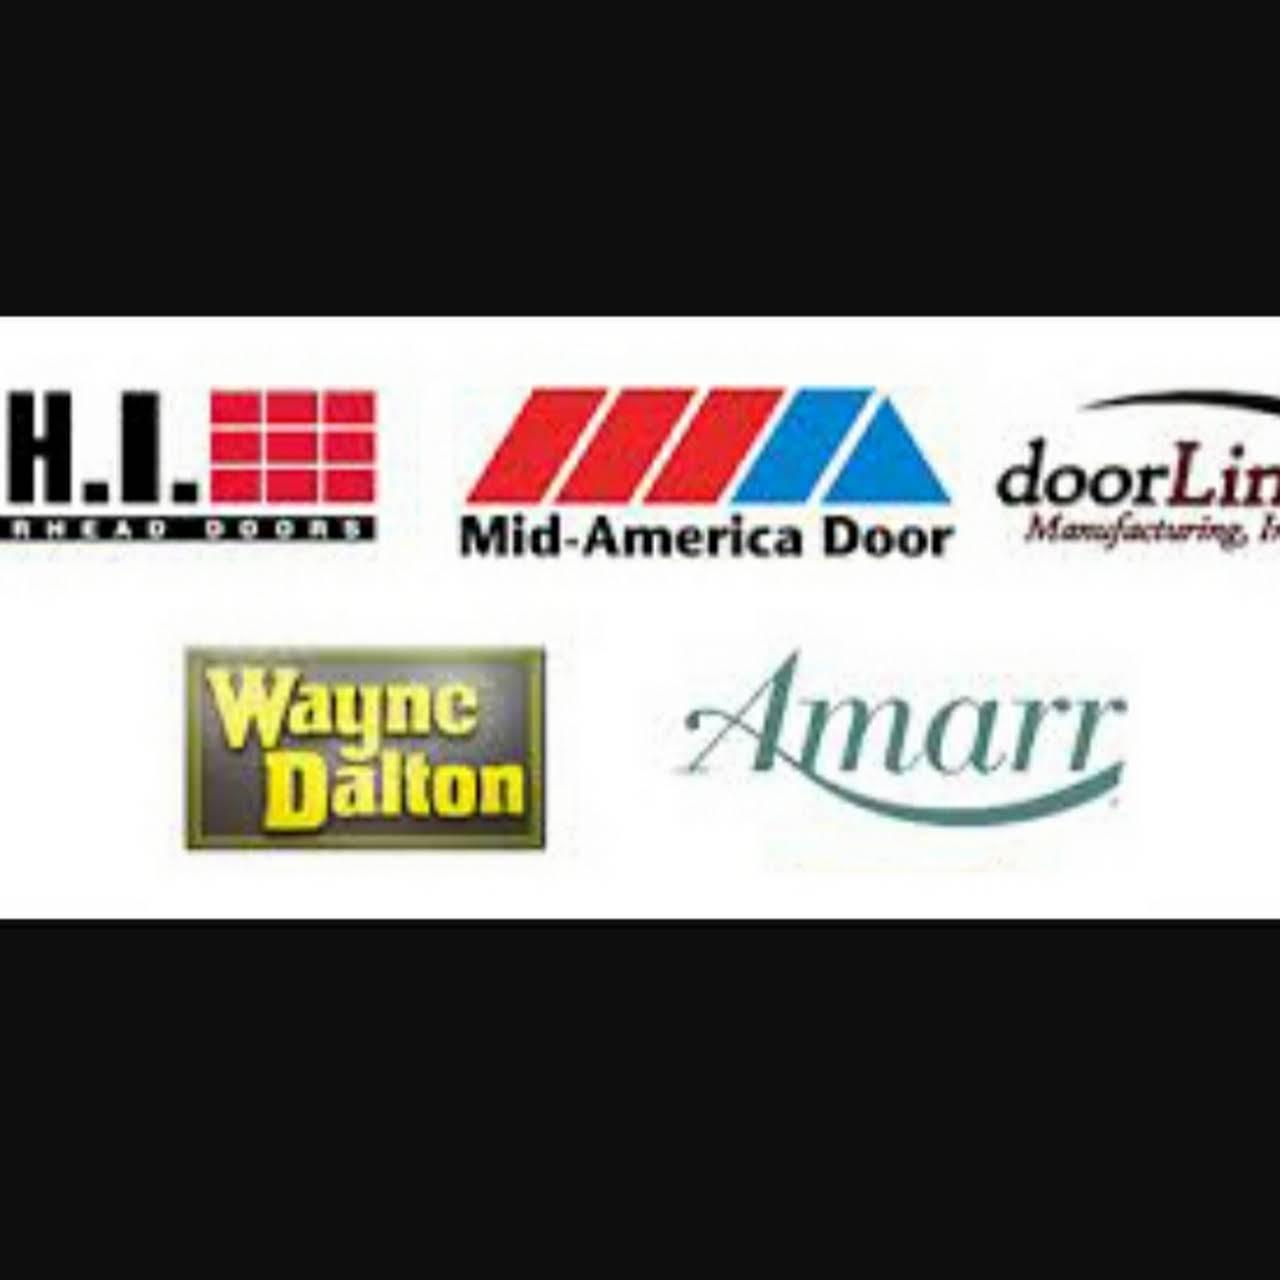 All American Garage Doors on penjual rolling door, accordion shades for door, american golf ball, retractable rolling interior door, american safe room door, american landscape,